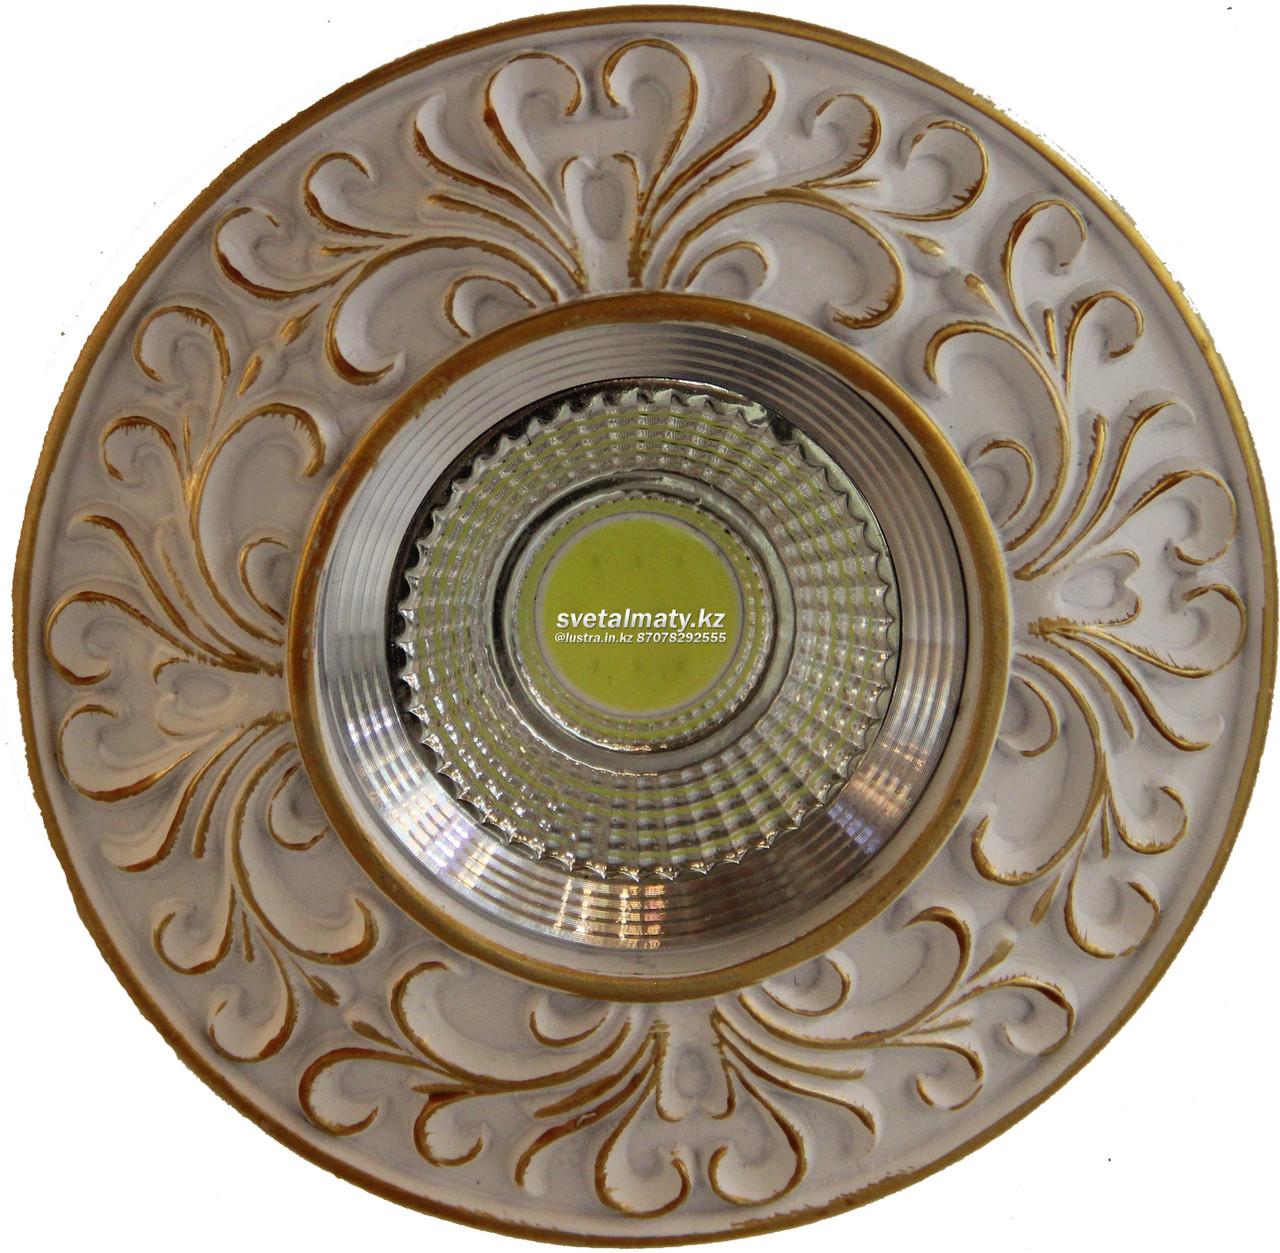 Встраиваемый потолочный спот (соффит) с золотом